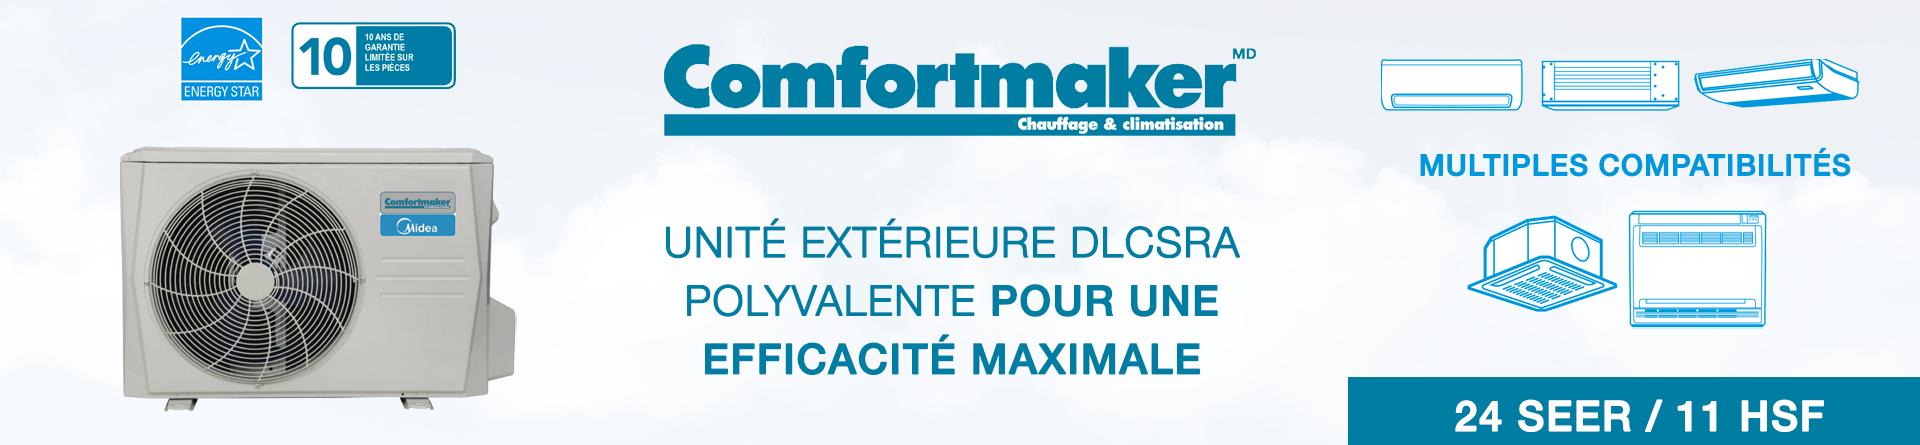 Comfortmaker DLCS